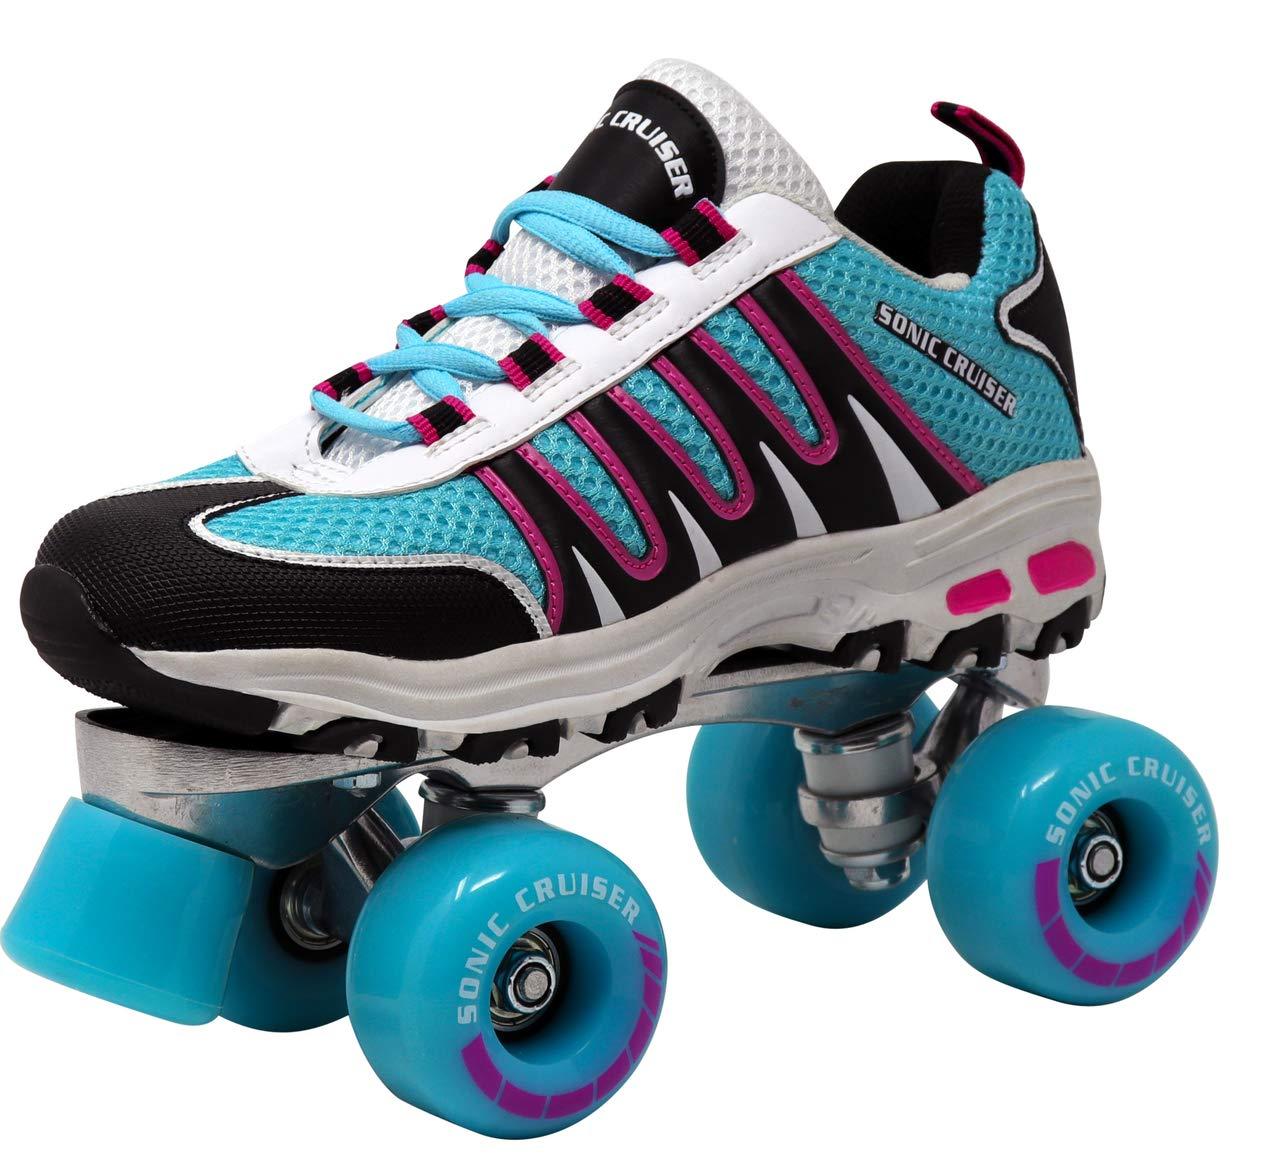 Lenexa Sonic Cruiser 2.0 Unisex Outdoor High Performance Rebound Wheels Quad Roller Speed Skates for Men and Women - Sneaker Shoe Style for Outdoor Skating